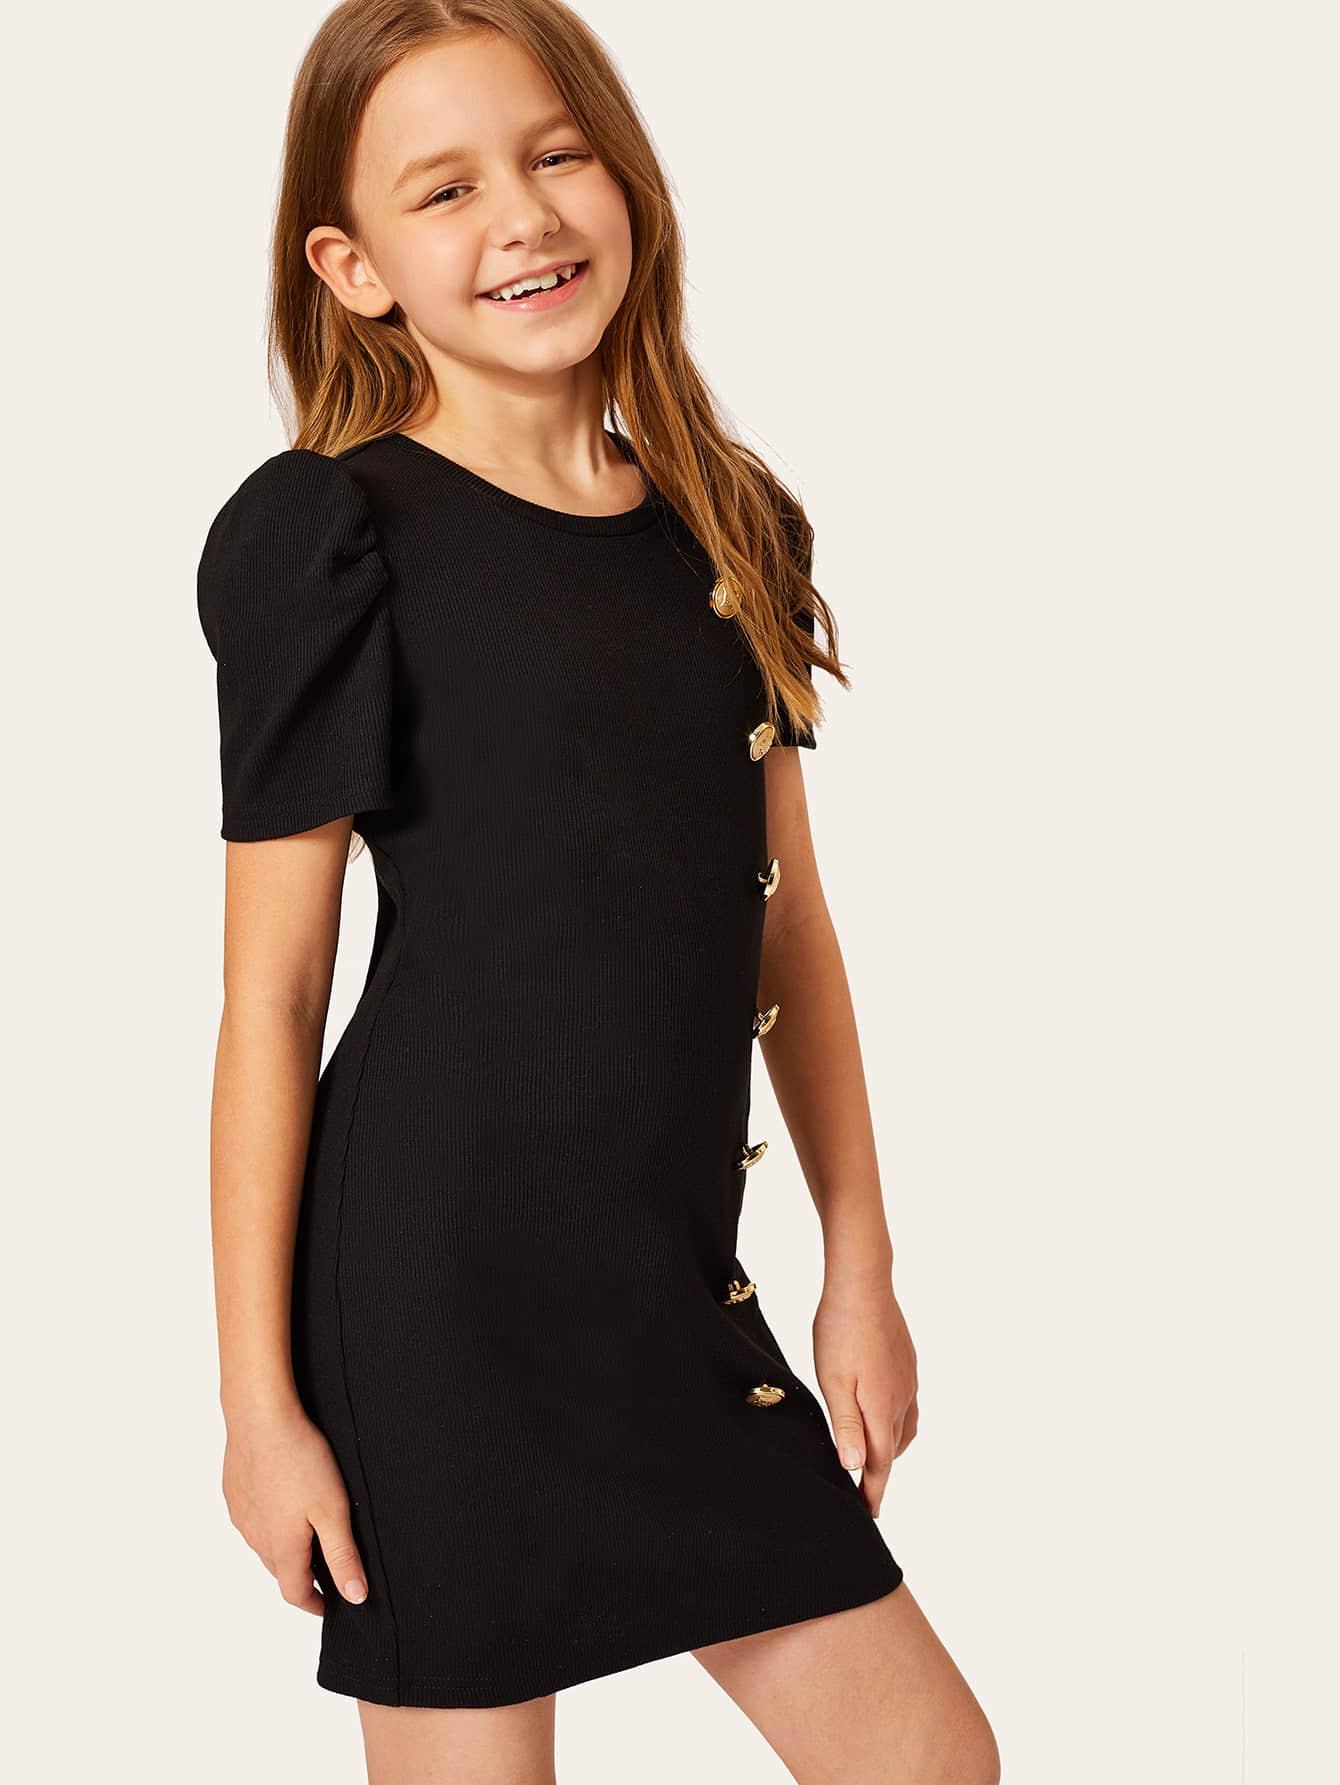 Фото - Однотонное платье с пуговицами для девочек от SheIn цвет чёрные